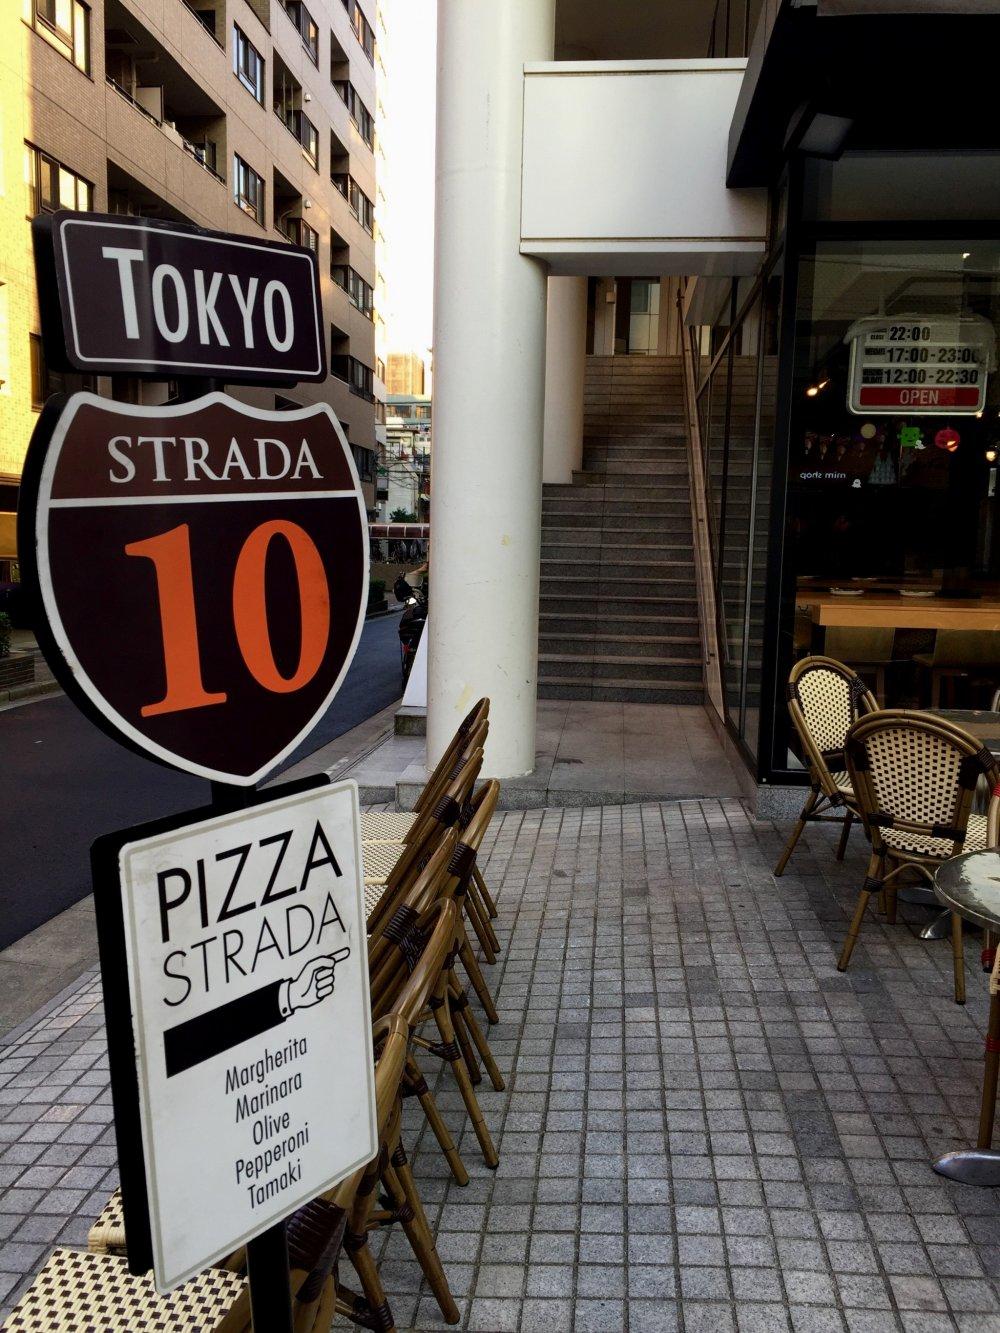 В будние дни пиццерия открывается в 5 вечера, а по выходным - в 12 дня